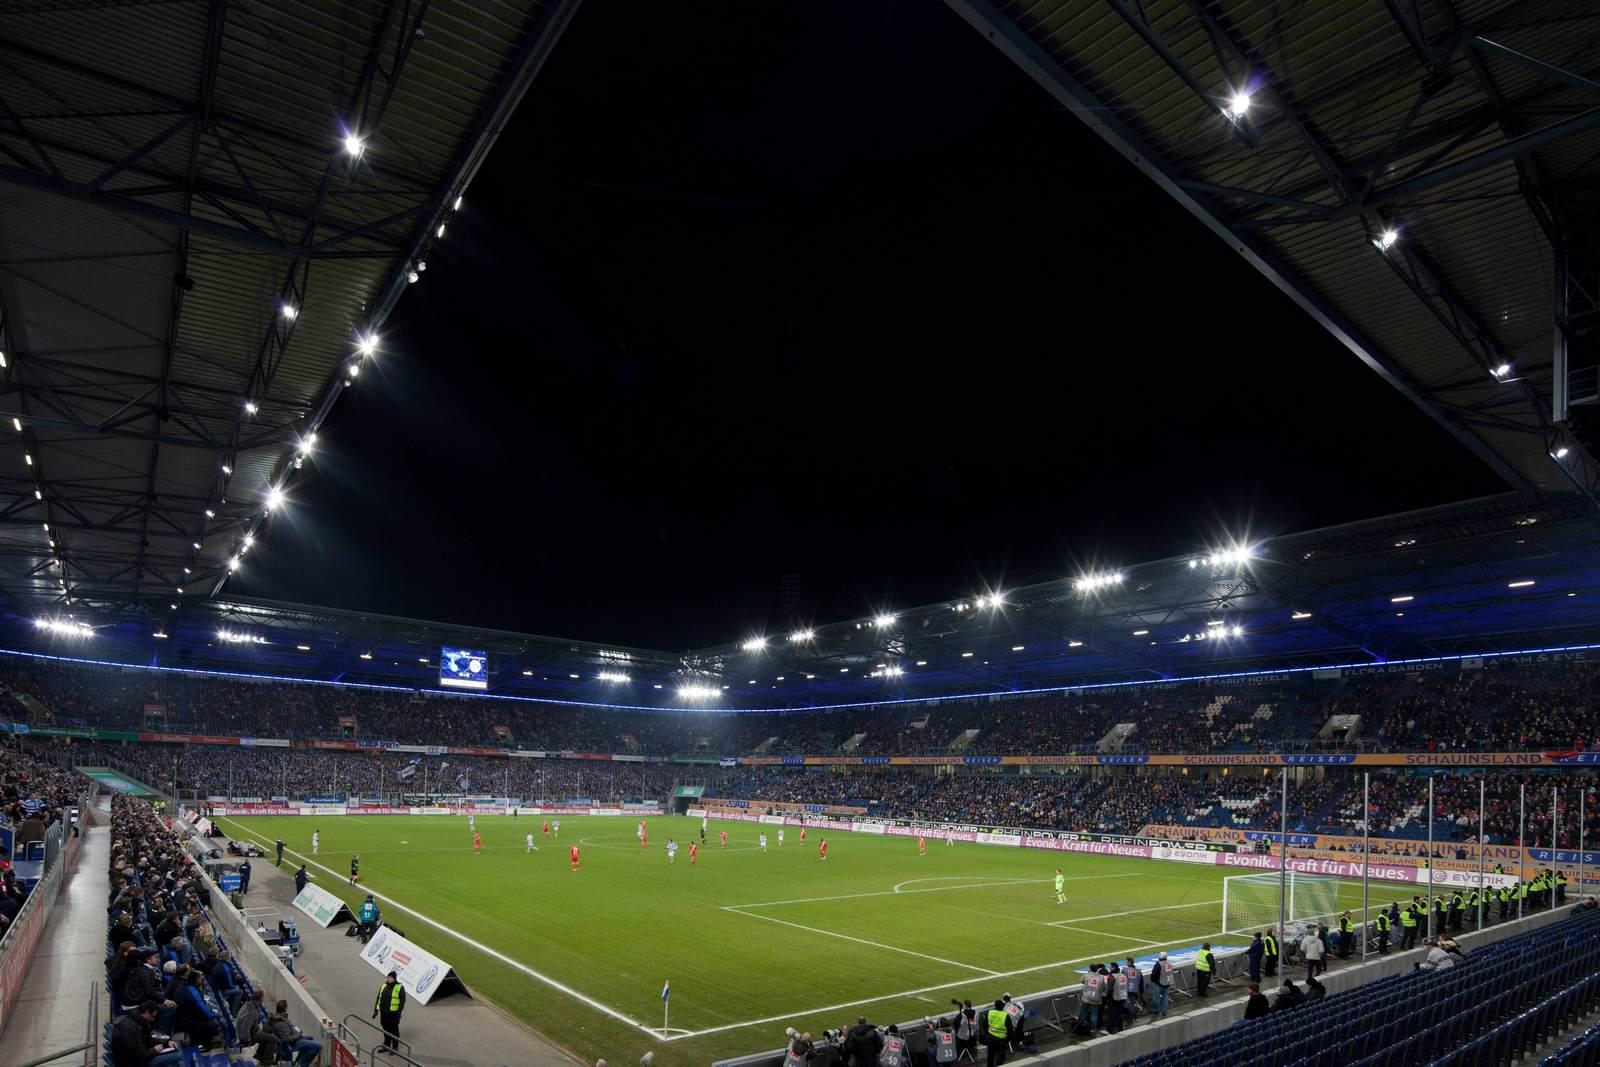 Alles wissenswerte sowie Fakten über die Schauinsland-Reisen-Arena in Duisburg